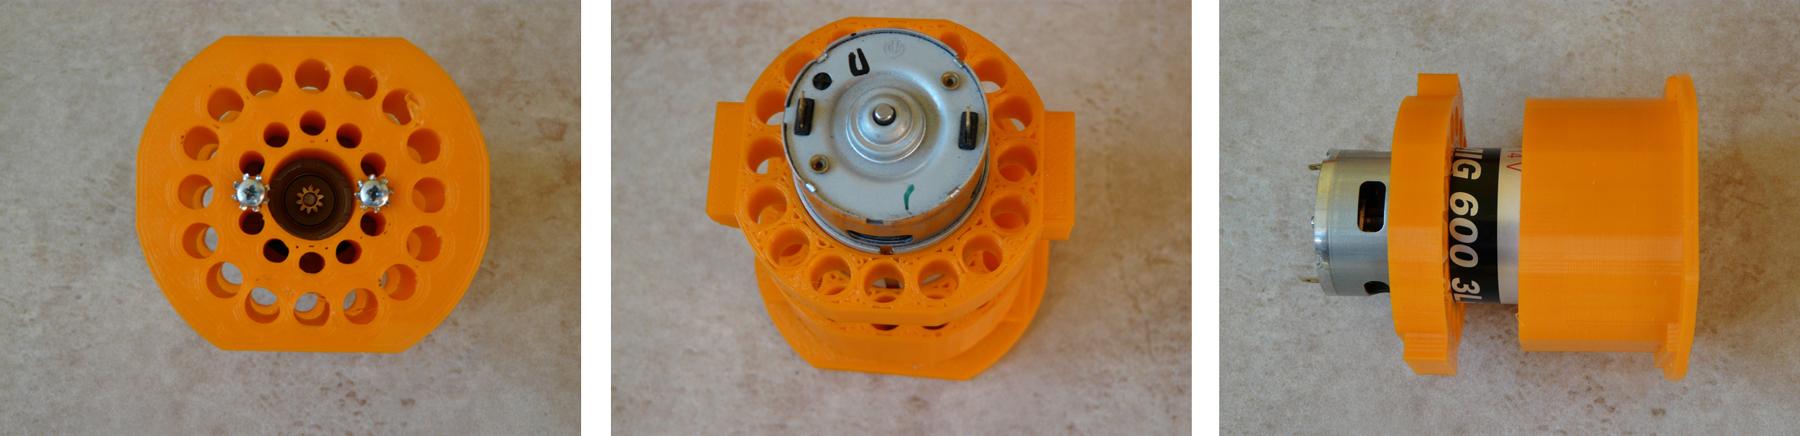 příruba motoru z 3D tiskárny